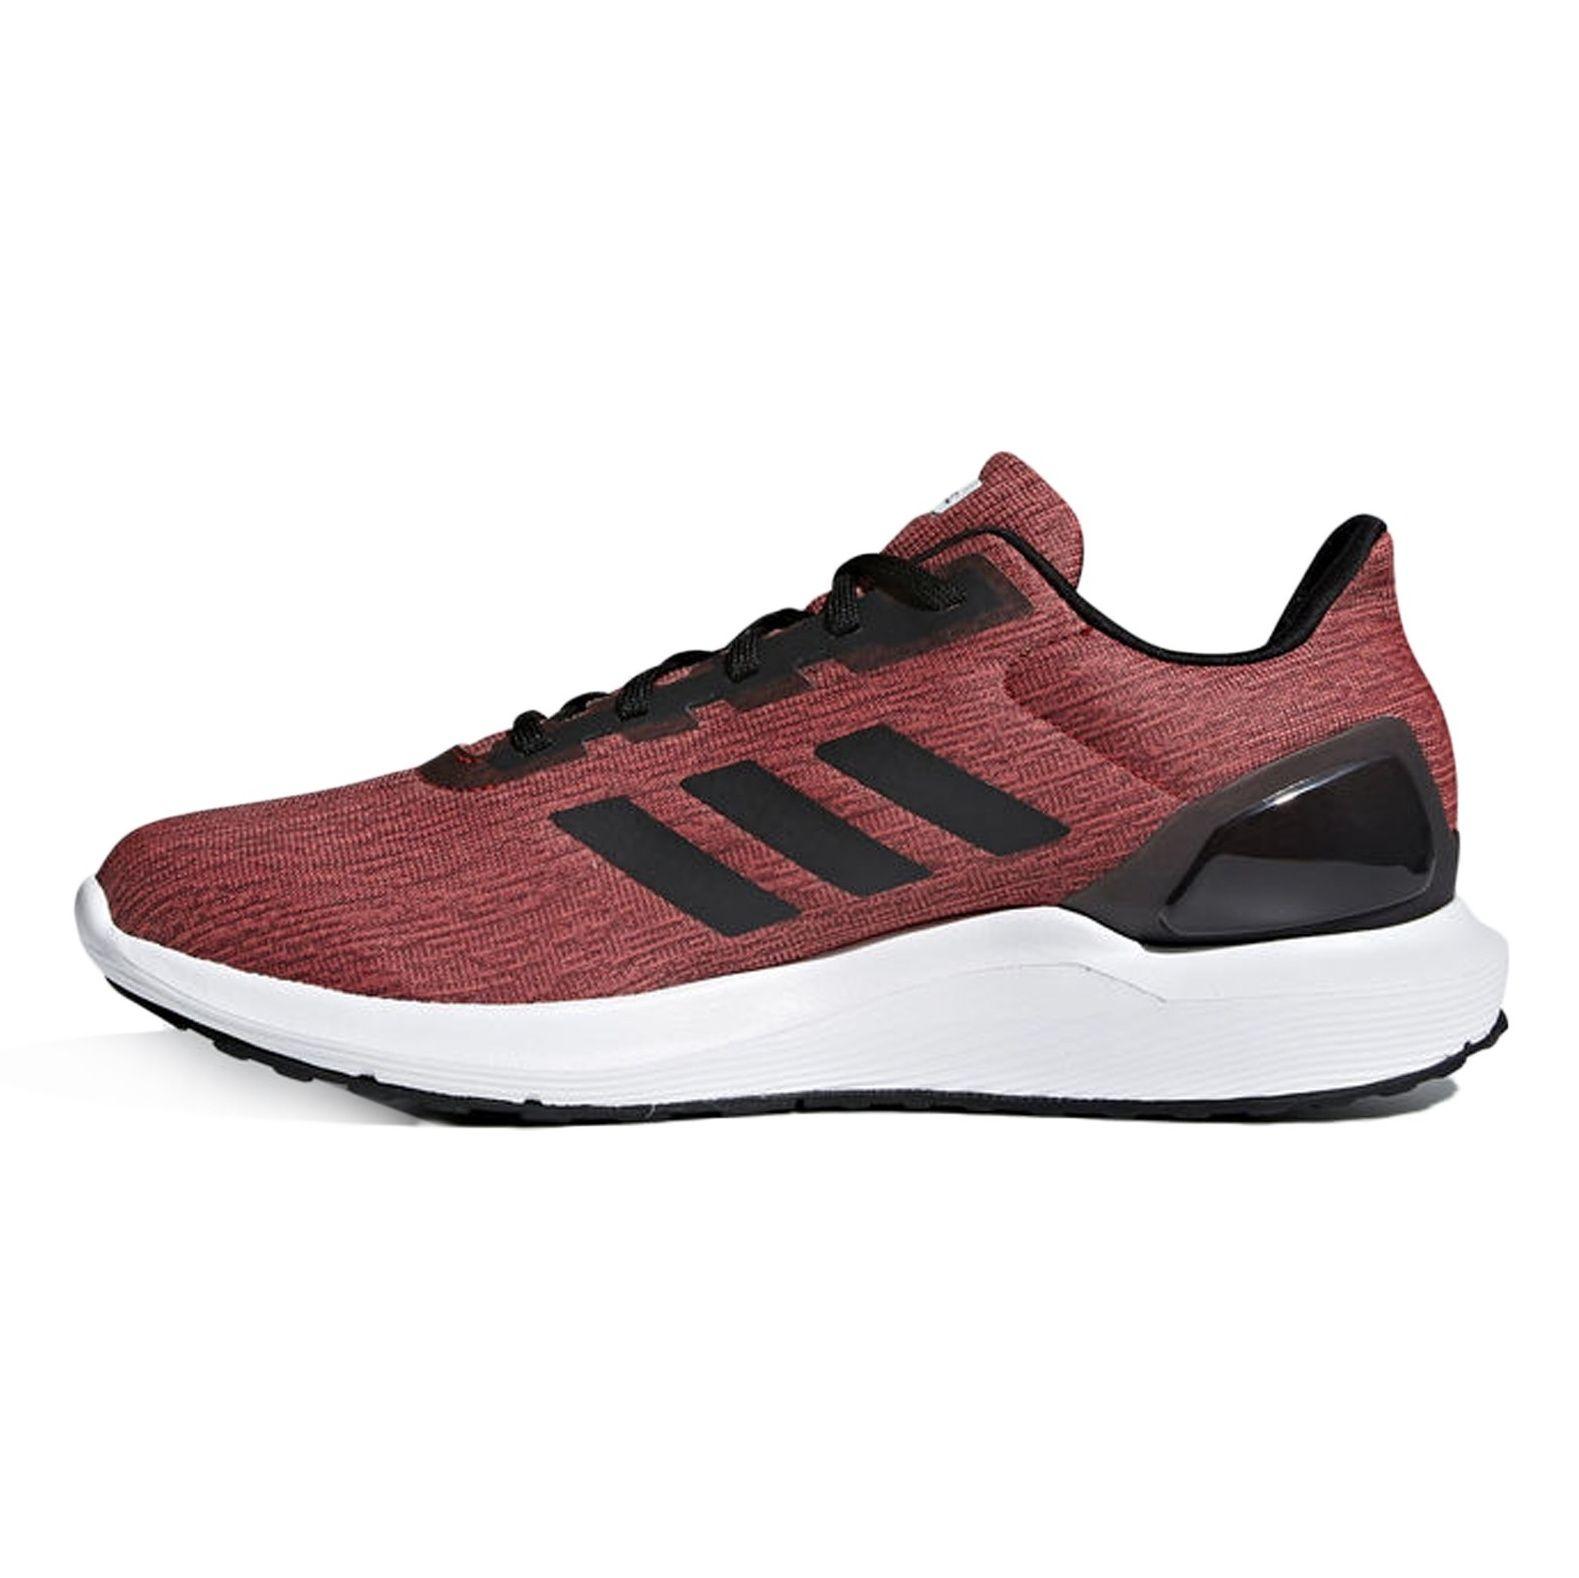 کفش مخصوص دویدن مردانه آدیداس مدل Cosmic 2 - زرشکی - 3